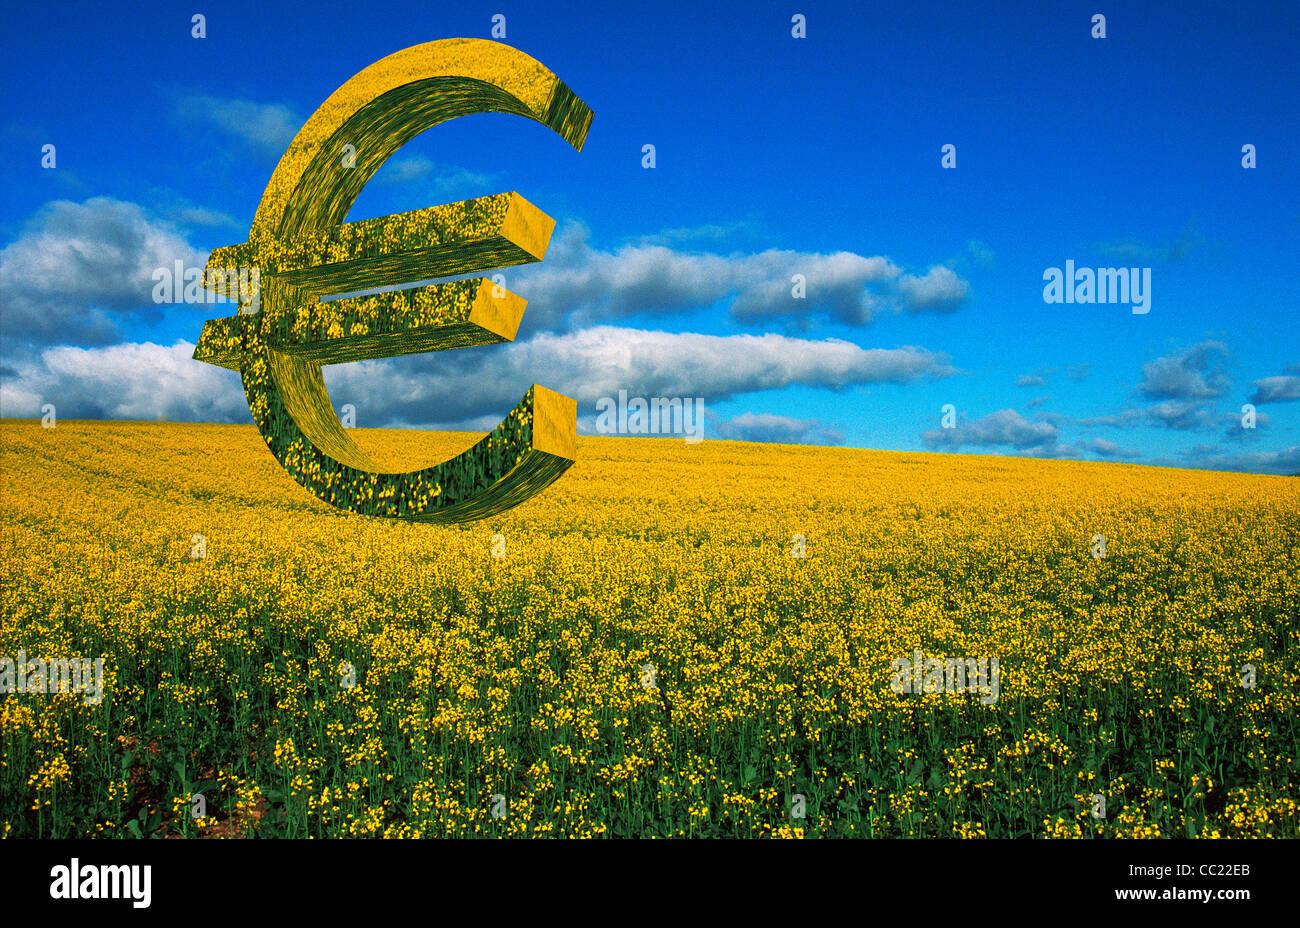 Euro-Zeichen in einem Feld von Raps Raps - EU-Landwirtschaft / Politik / Subventionen / Business / Landwirtschaft Stockbild